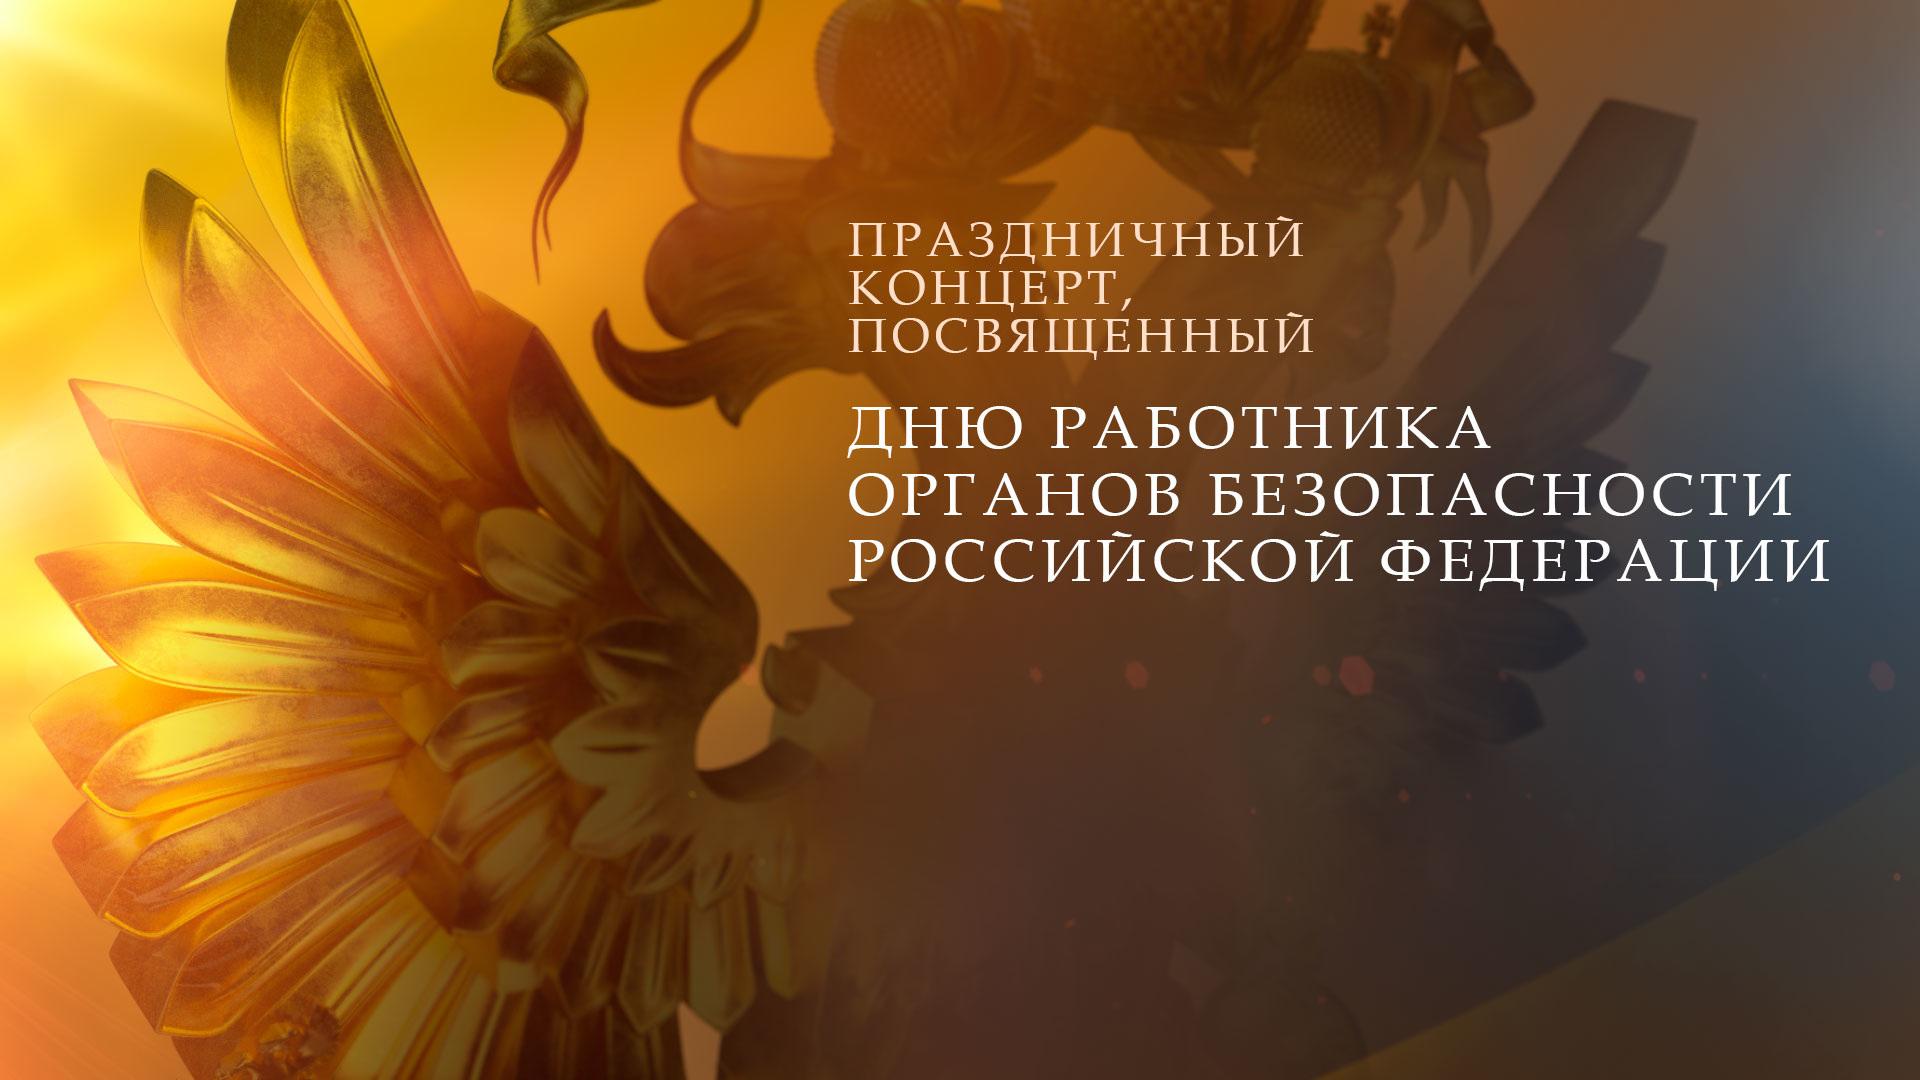 Праздничный концерт ко Дню работника органов безопасности РФ